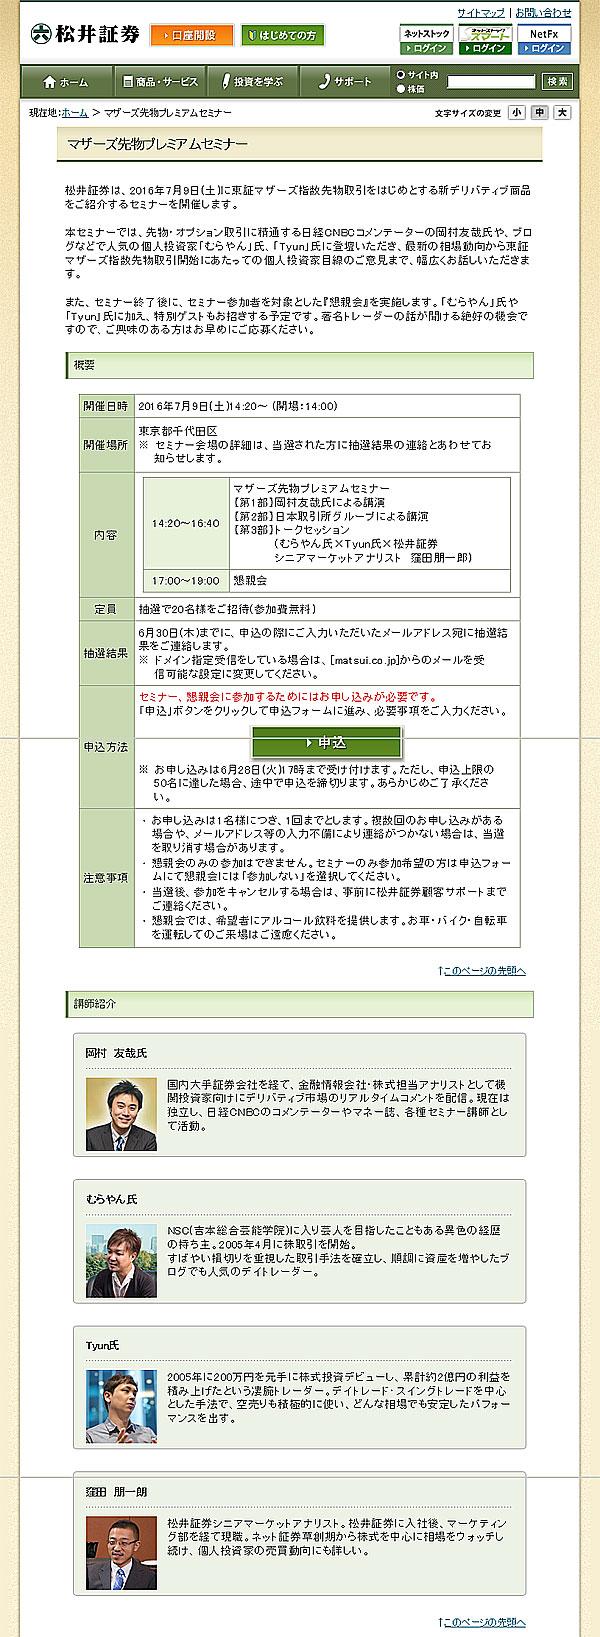 【東京】 7月9日(土)14時~ マザーズ先物プレミアムセミナー 【秋葉原】申し込みはこちら☆